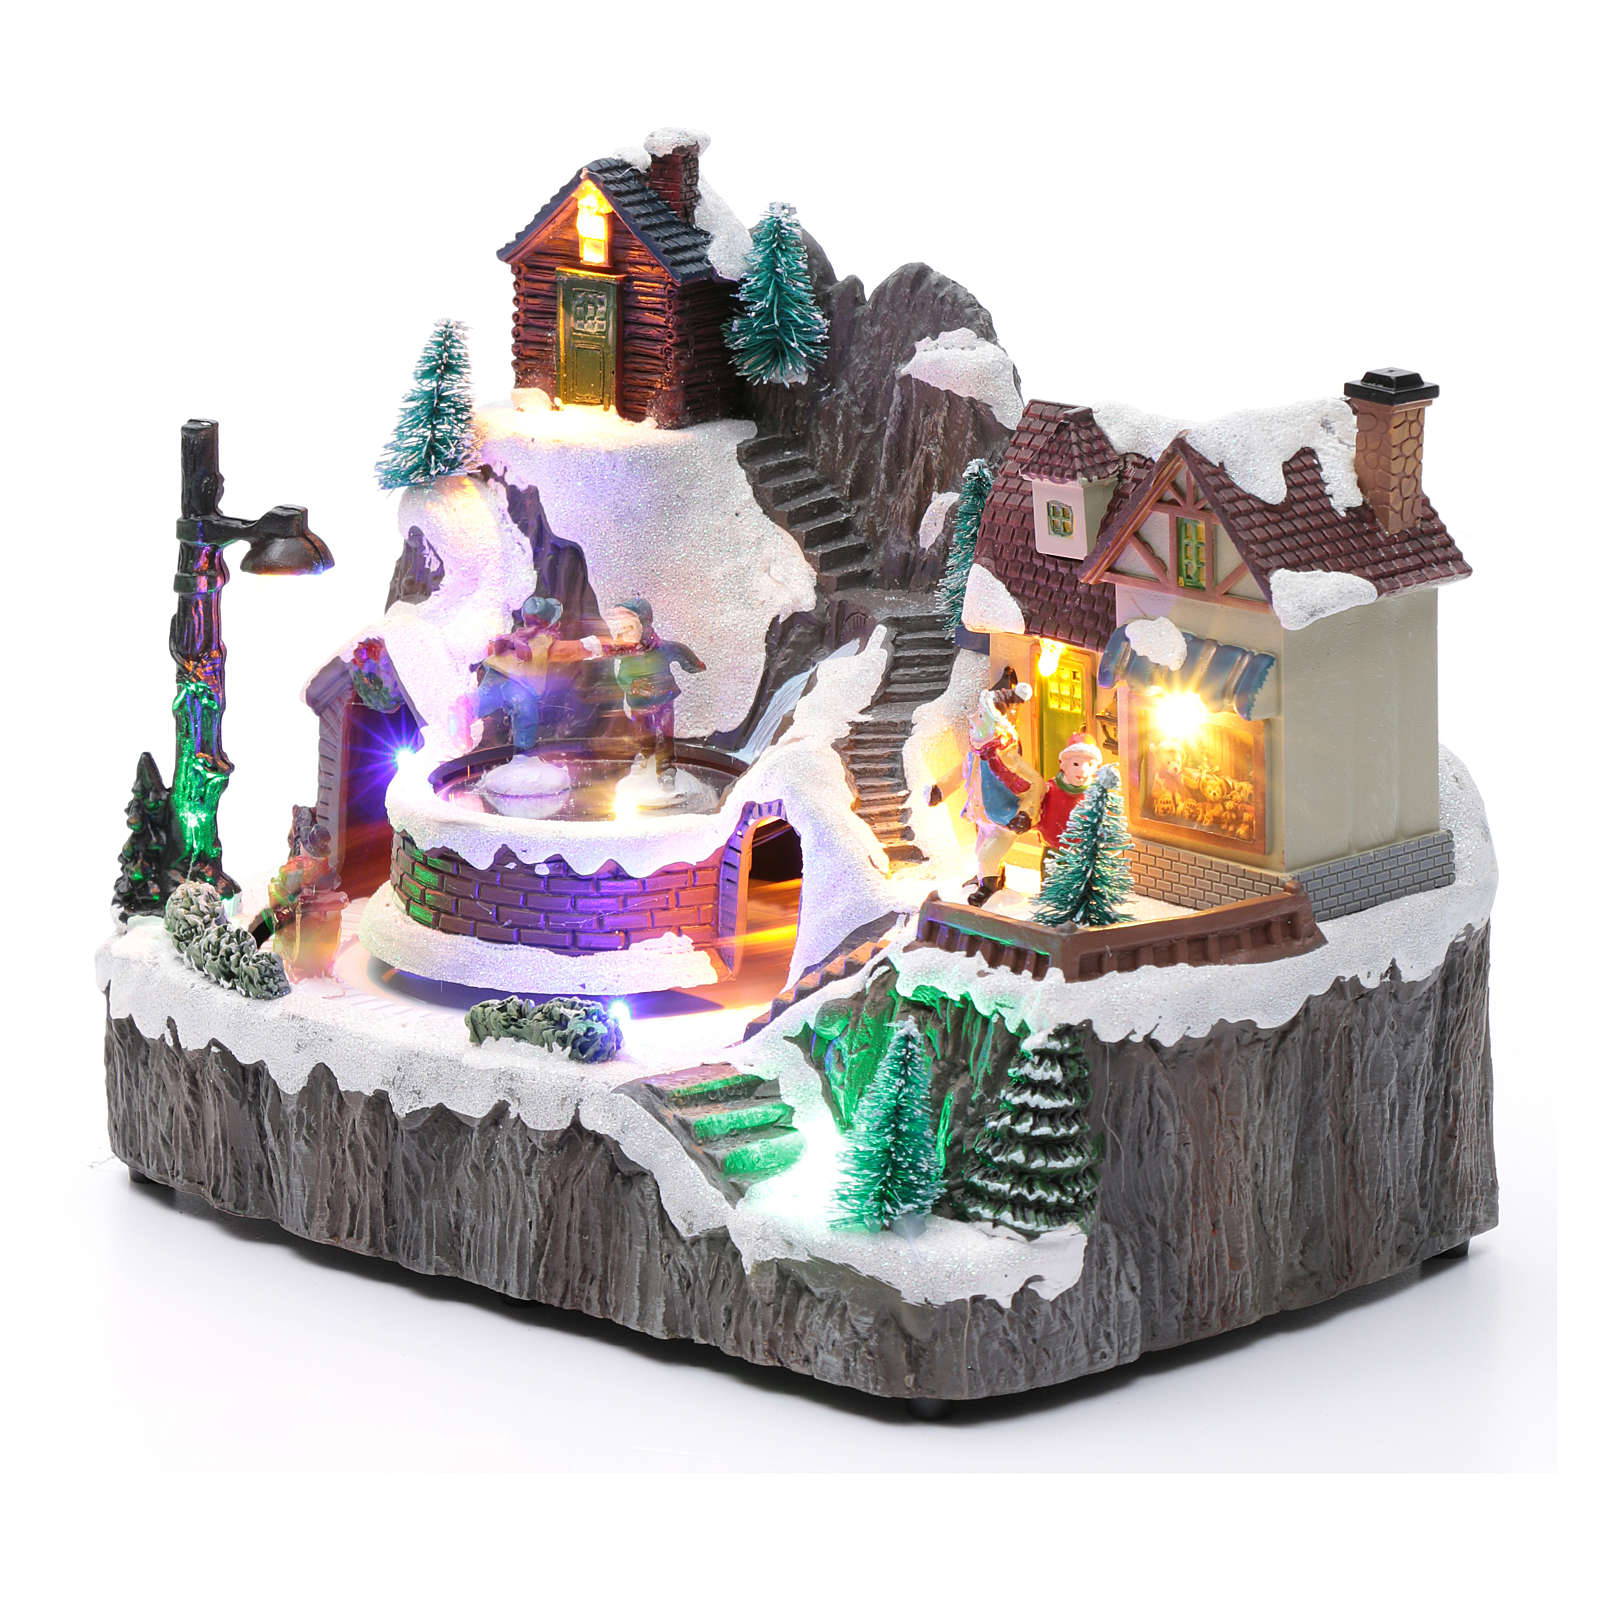 Villaggio natalizio luminoso musica movim trenino lago ghiacciato 19X23X16 cm 3